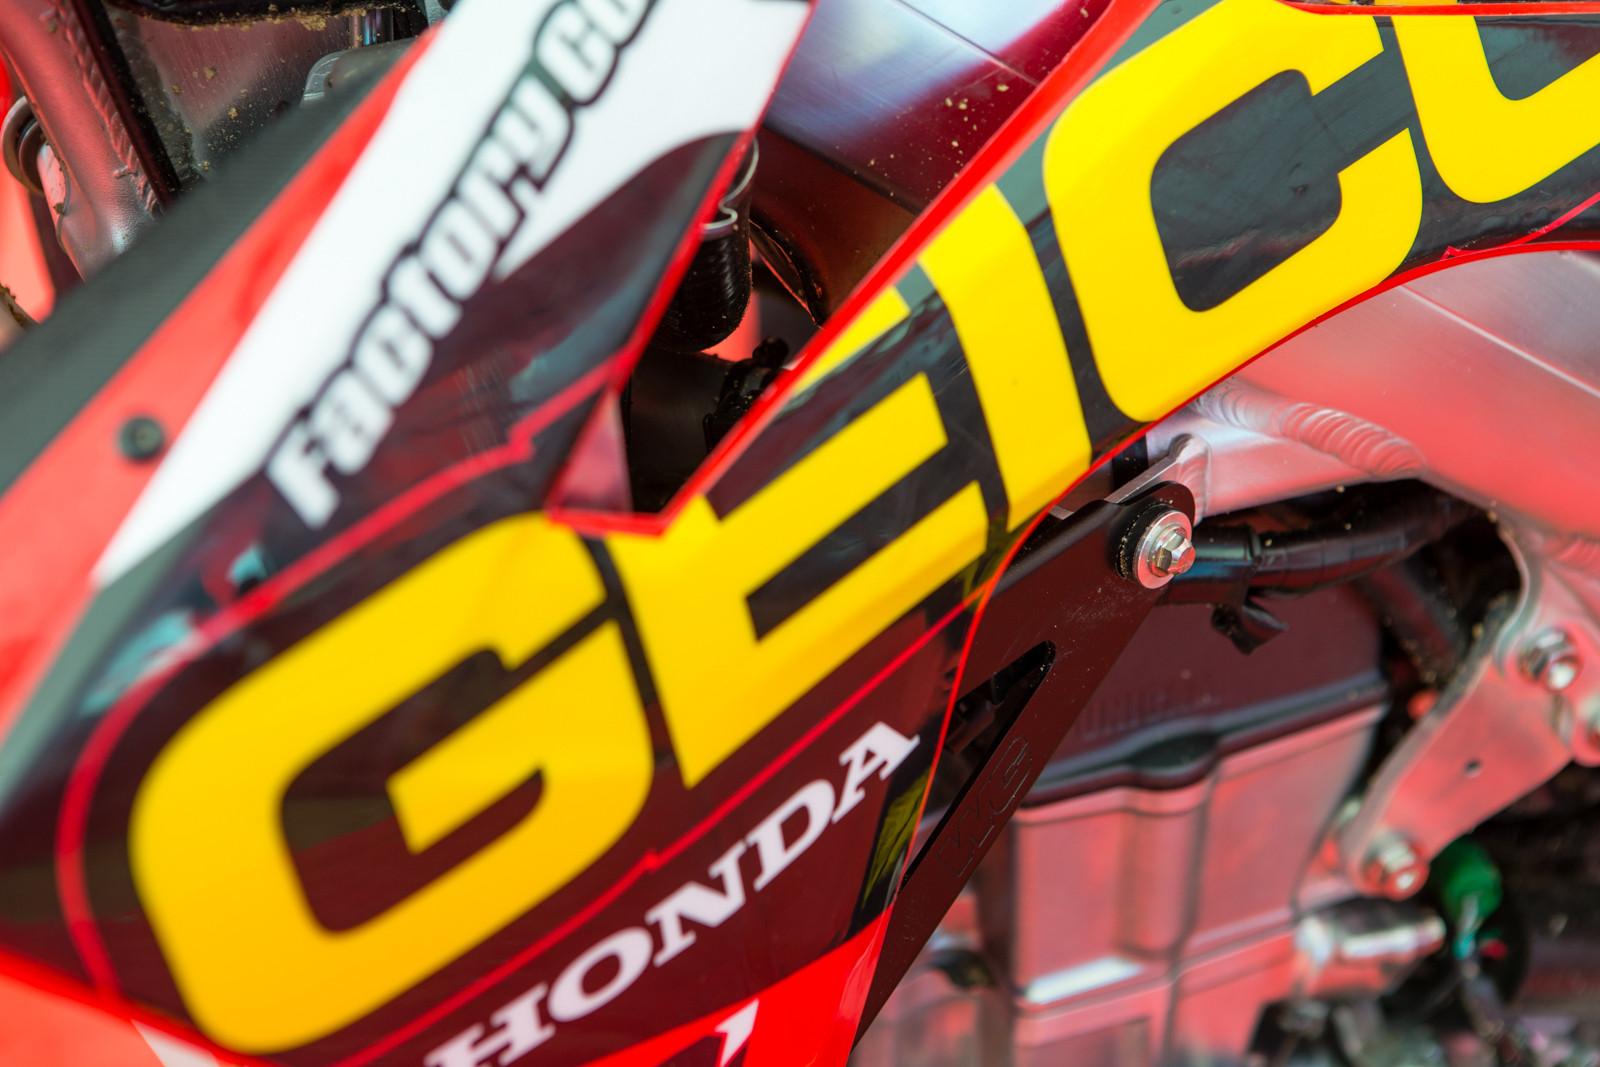 Justin Bogle's bike - Vital MX Pit Bits: Glen Helen - Motocross Pictures - Vital MX